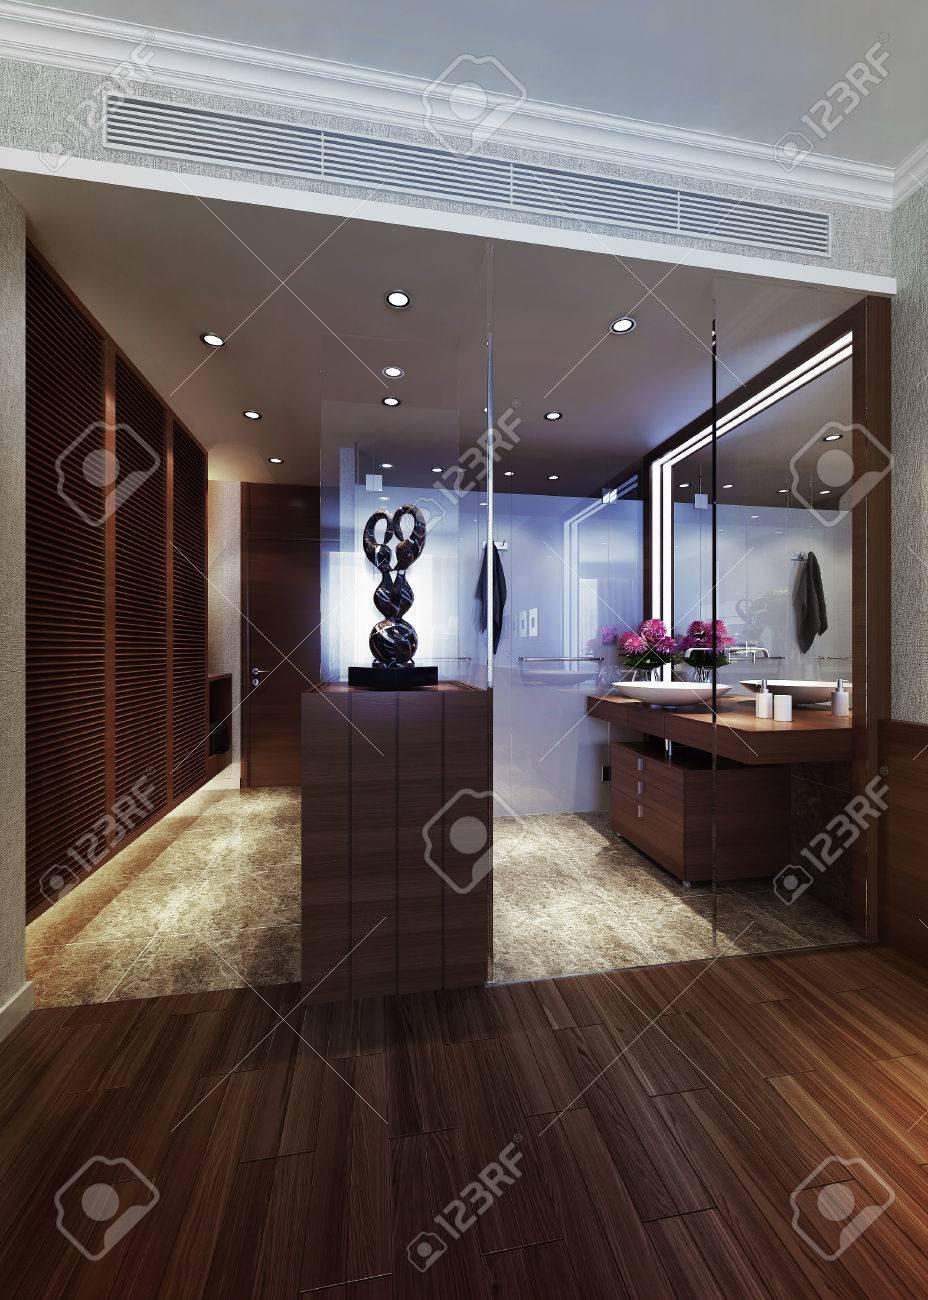 Entre La Salle De Bain, En Chambre D\'hôtes. Images 3d Banque D ...